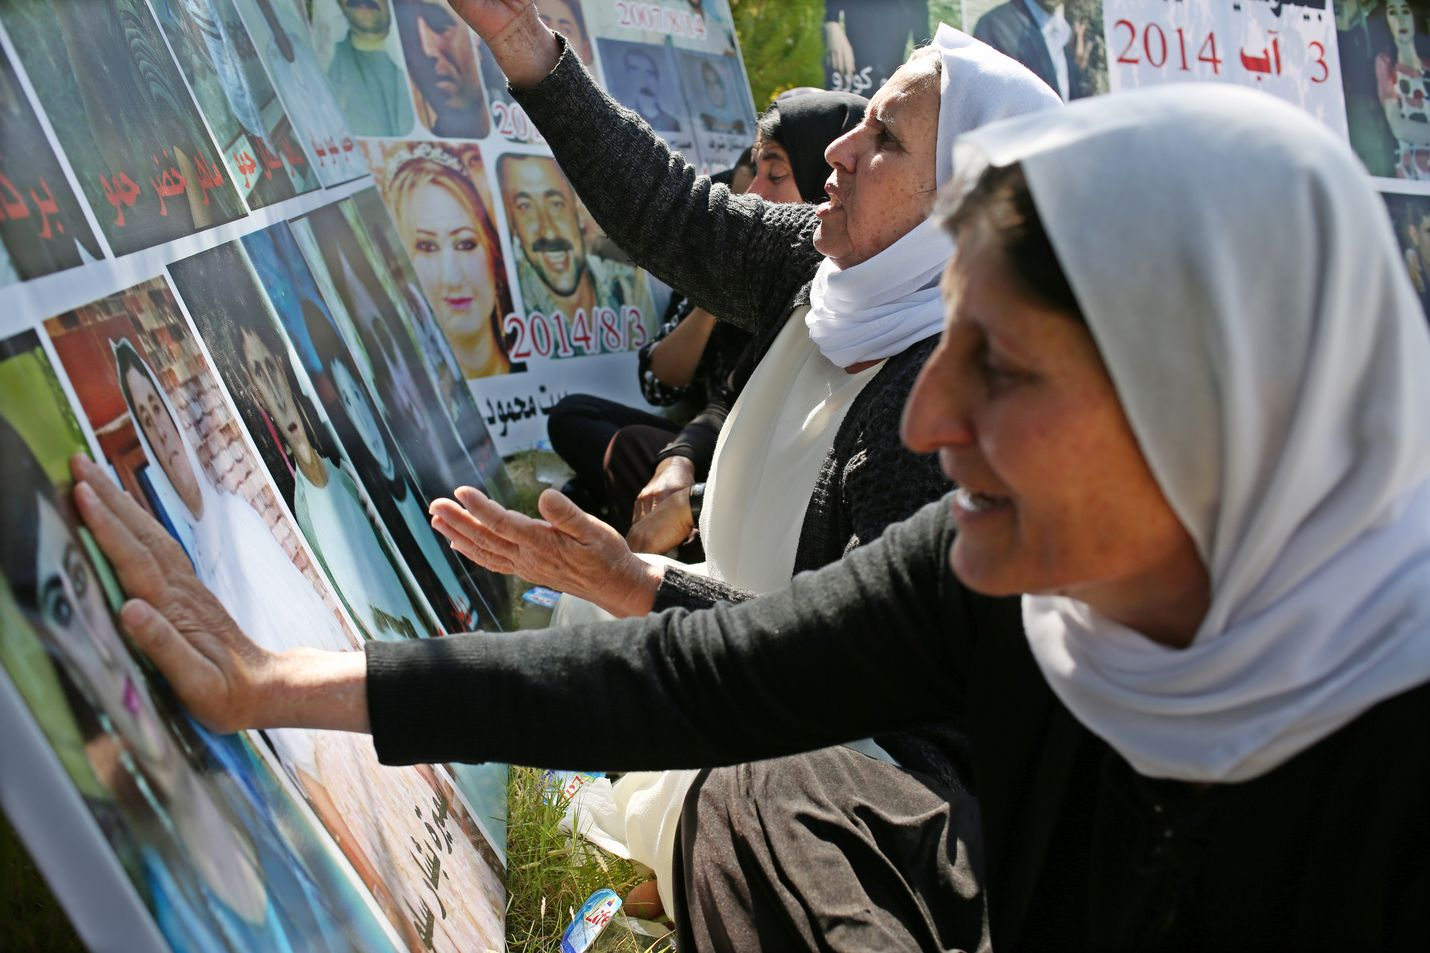 Jesidi-naiset osoittavat surua katsellessaan jesidien kansanmurhassa kuolleiden omaistensa kuvia Irakin kurdialueella Baadressa elokuussa 2019. Uusi Isis-johtaja oli keskeisenä vaikuttamassa jesidien vainoihin.